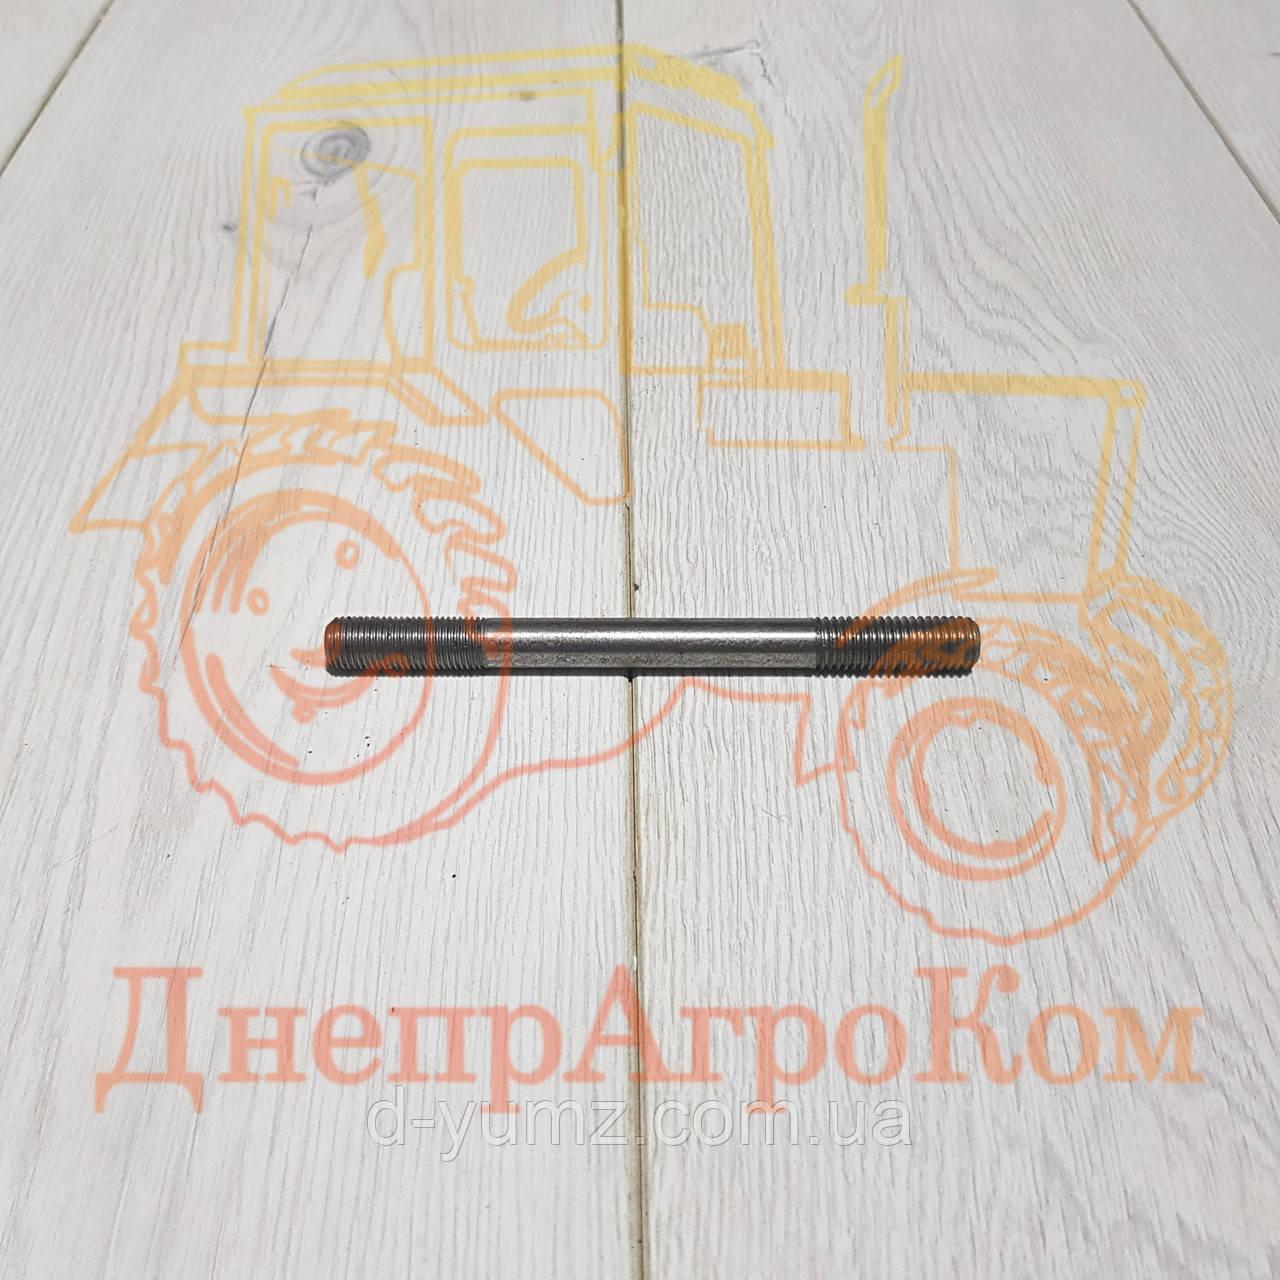 Шпилька блока цилиндров Д65 длинная | 36-1002035